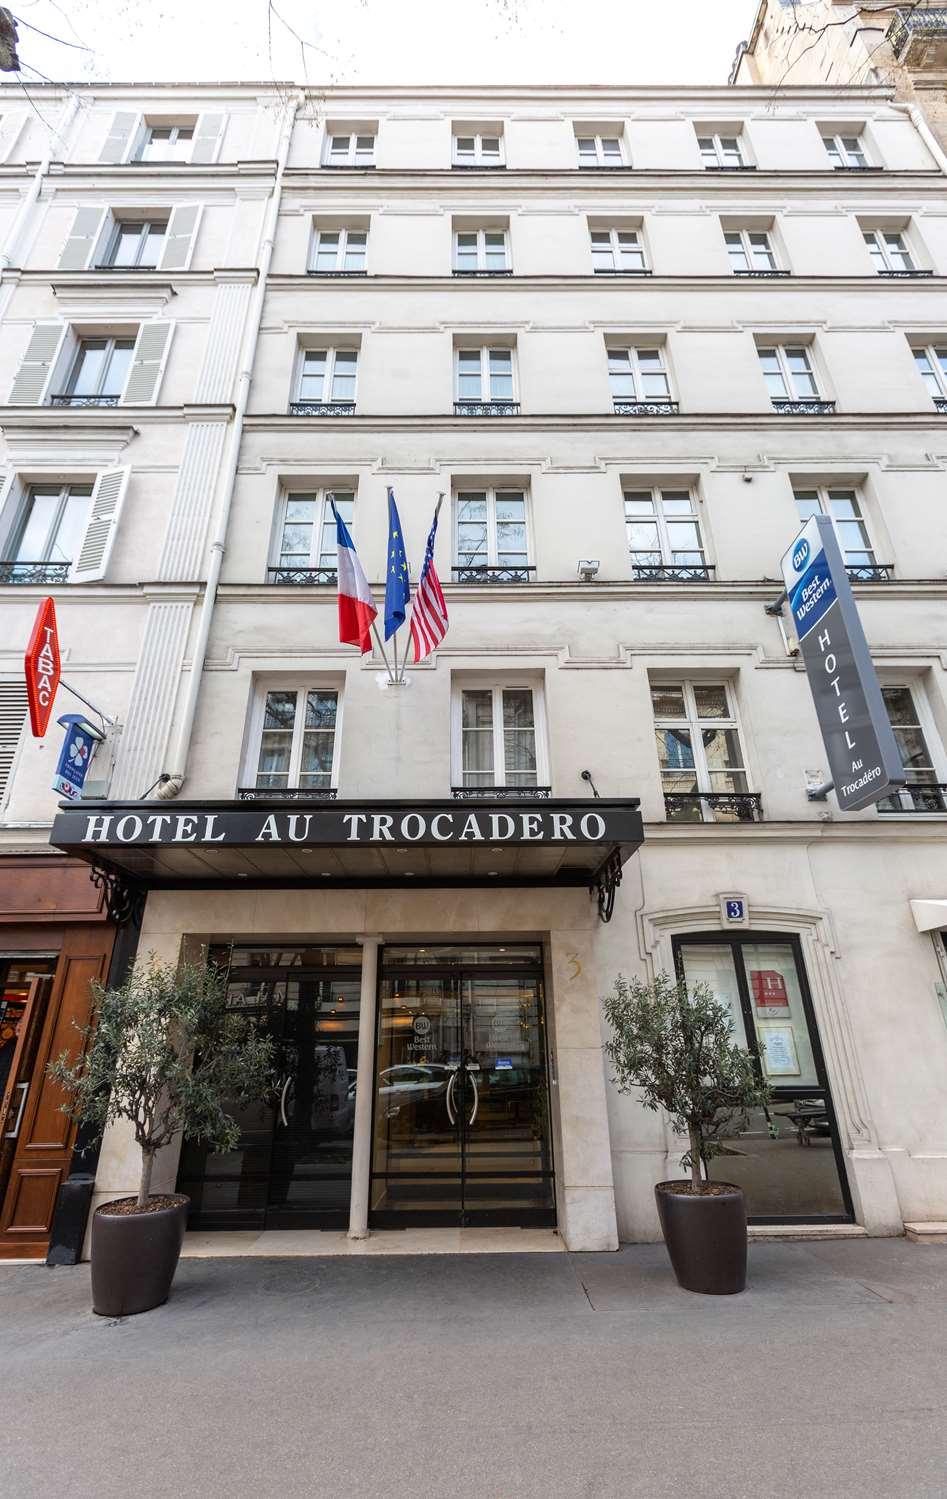 Best Western Hotel Room: Best Western Au Trocadero